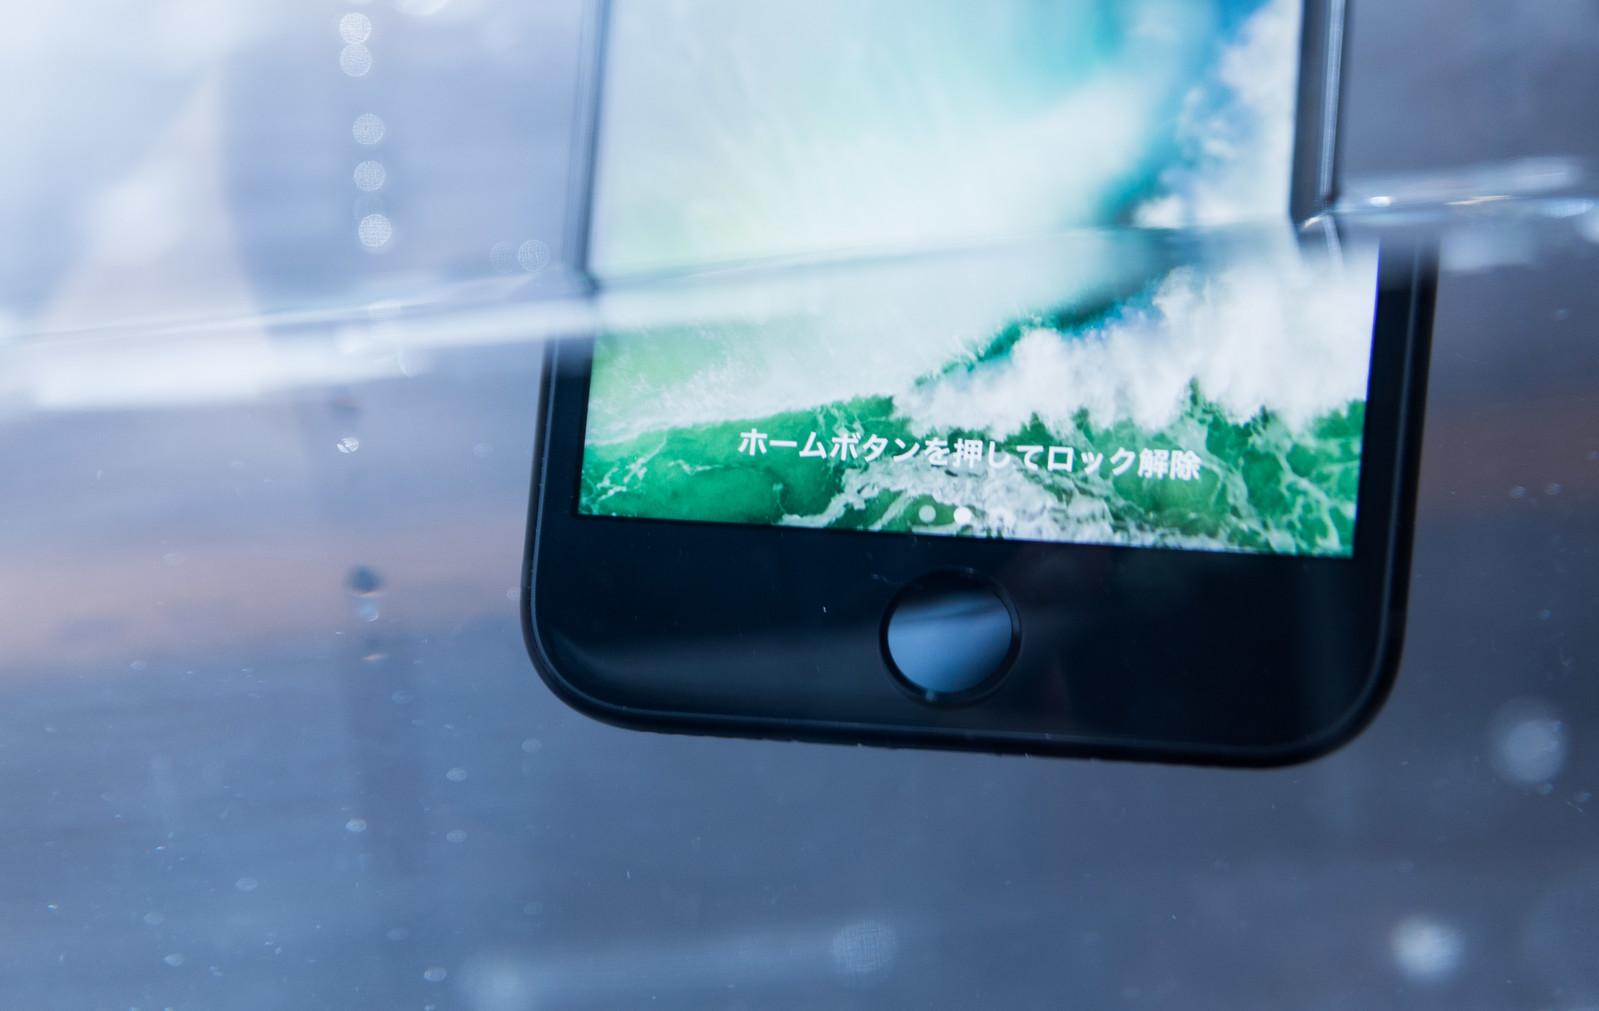 iPhoneの水没を防止する方法を徹底調査!